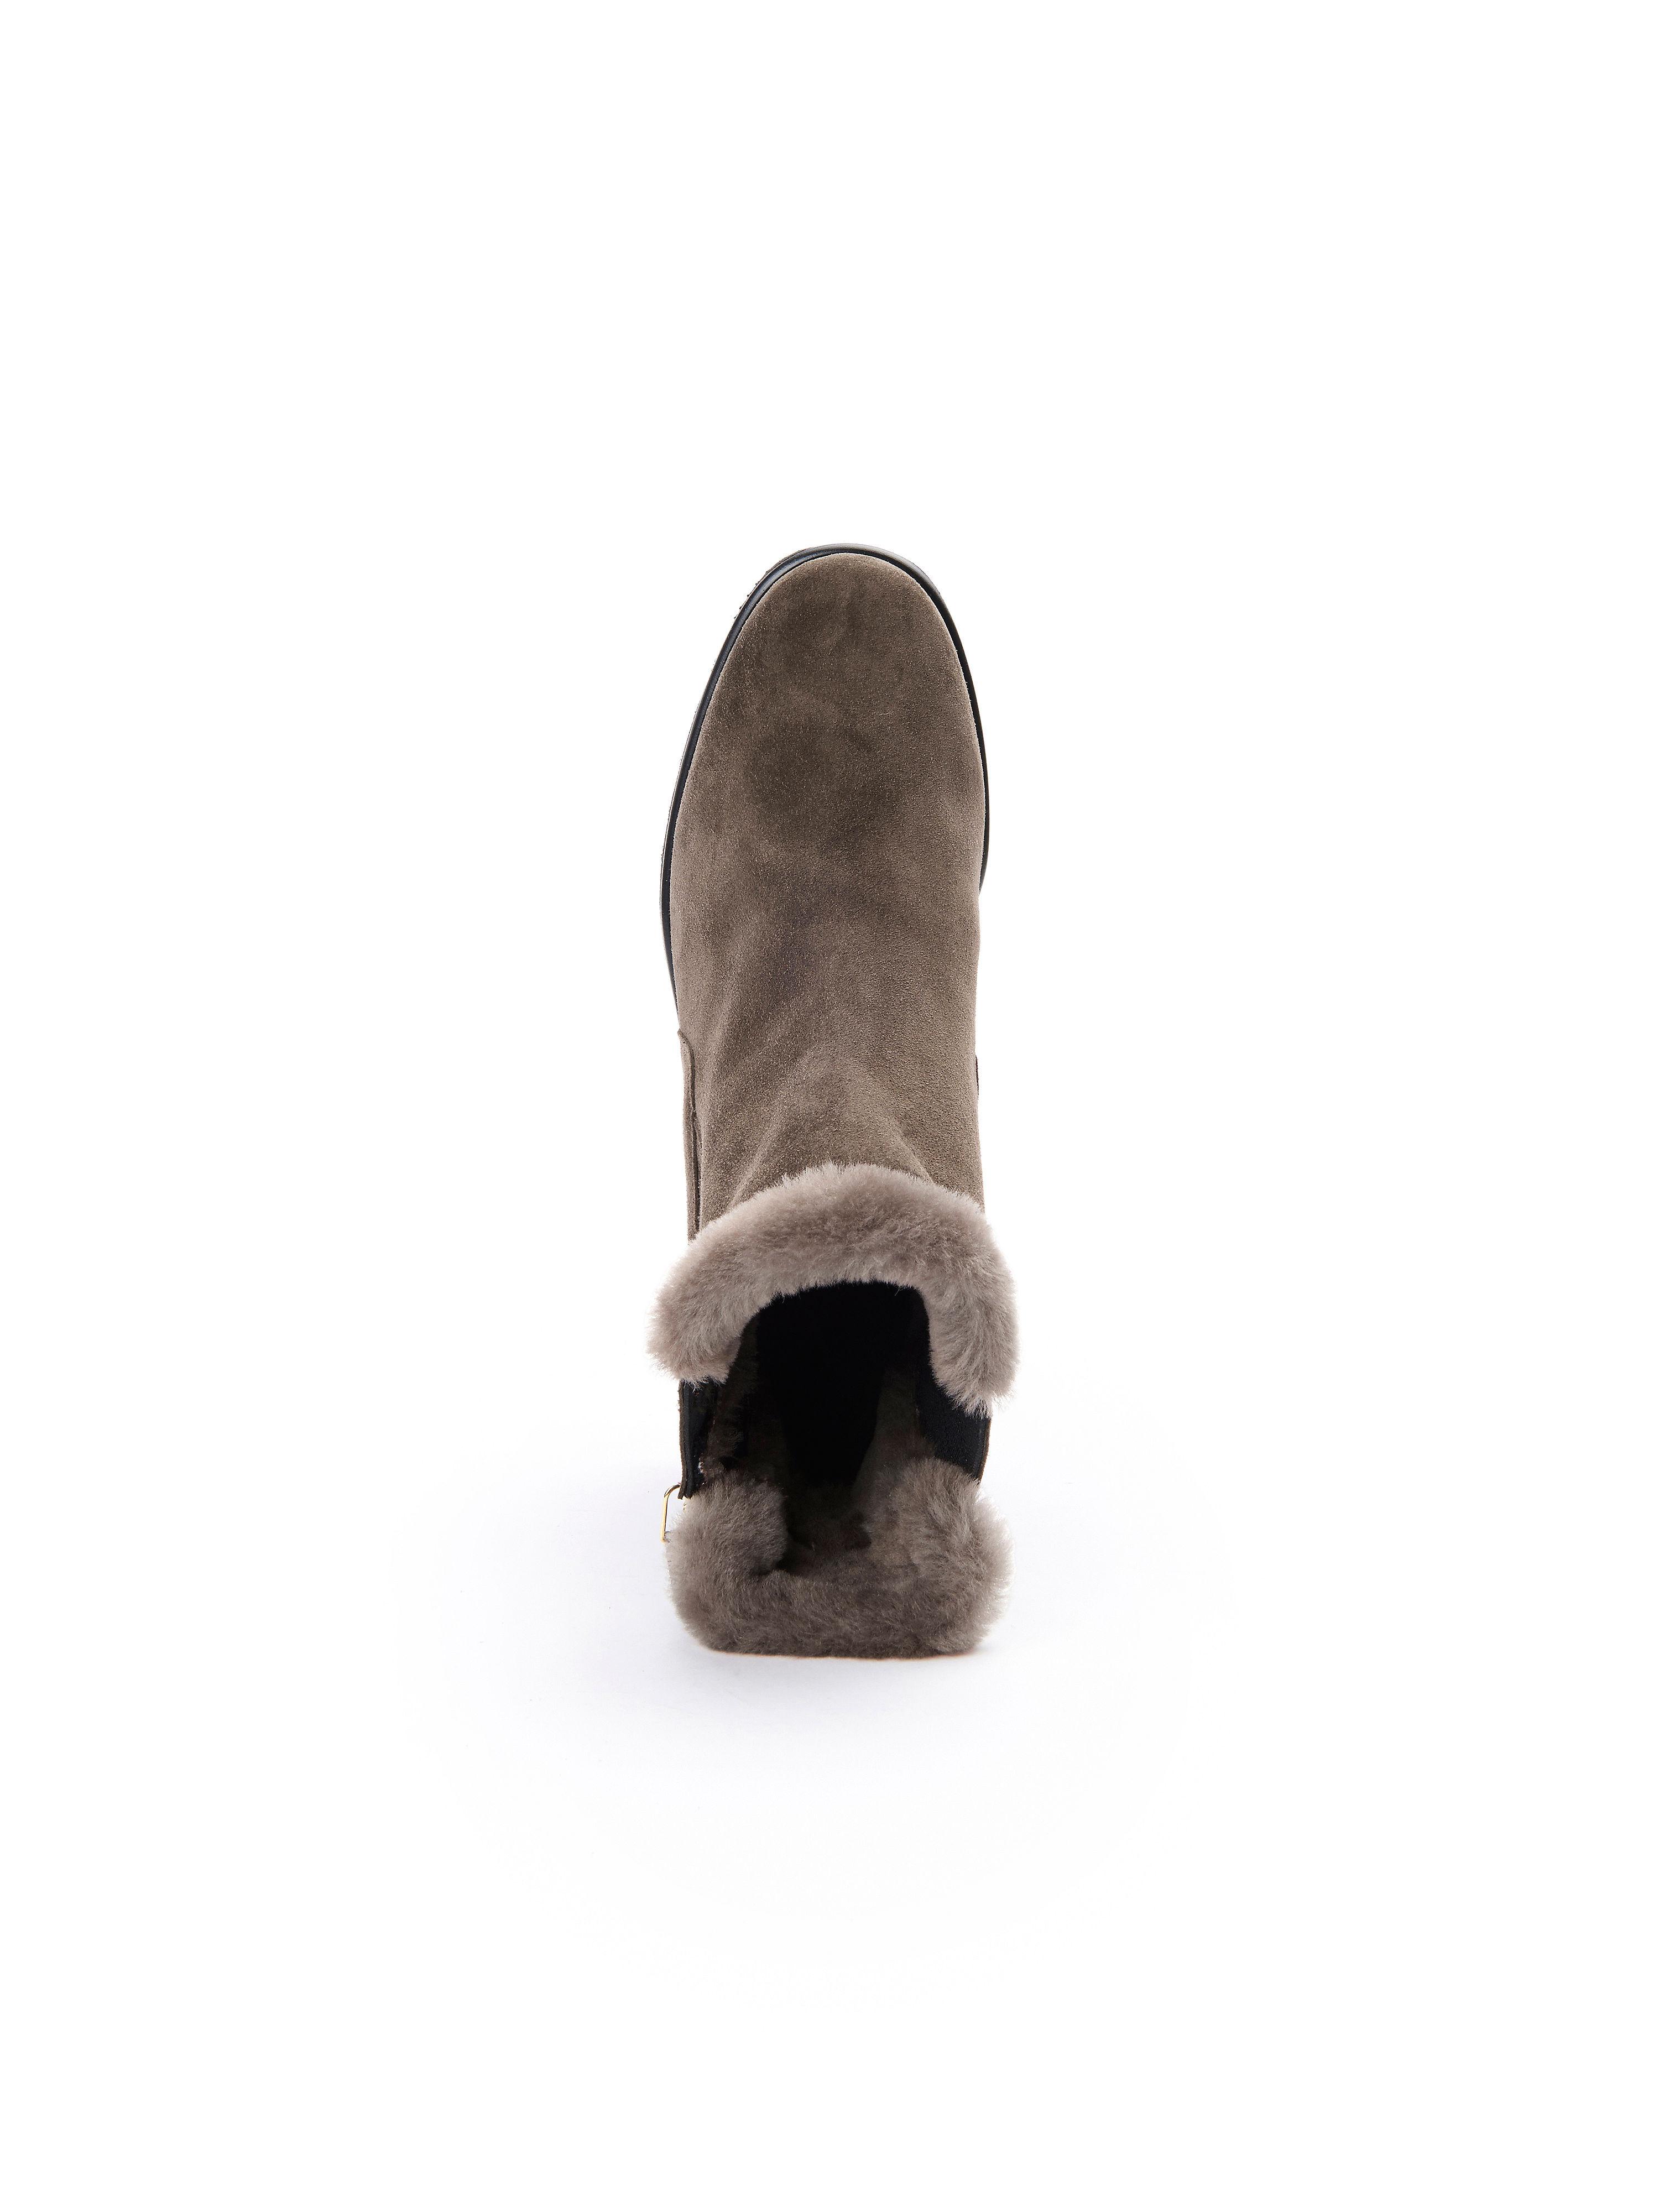 Peter Hahn exquisit Qualität - Wasserabweisende Stiefelette - Dunkelbraun Gute Qualität exquisit beliebte Schuhe eaccde